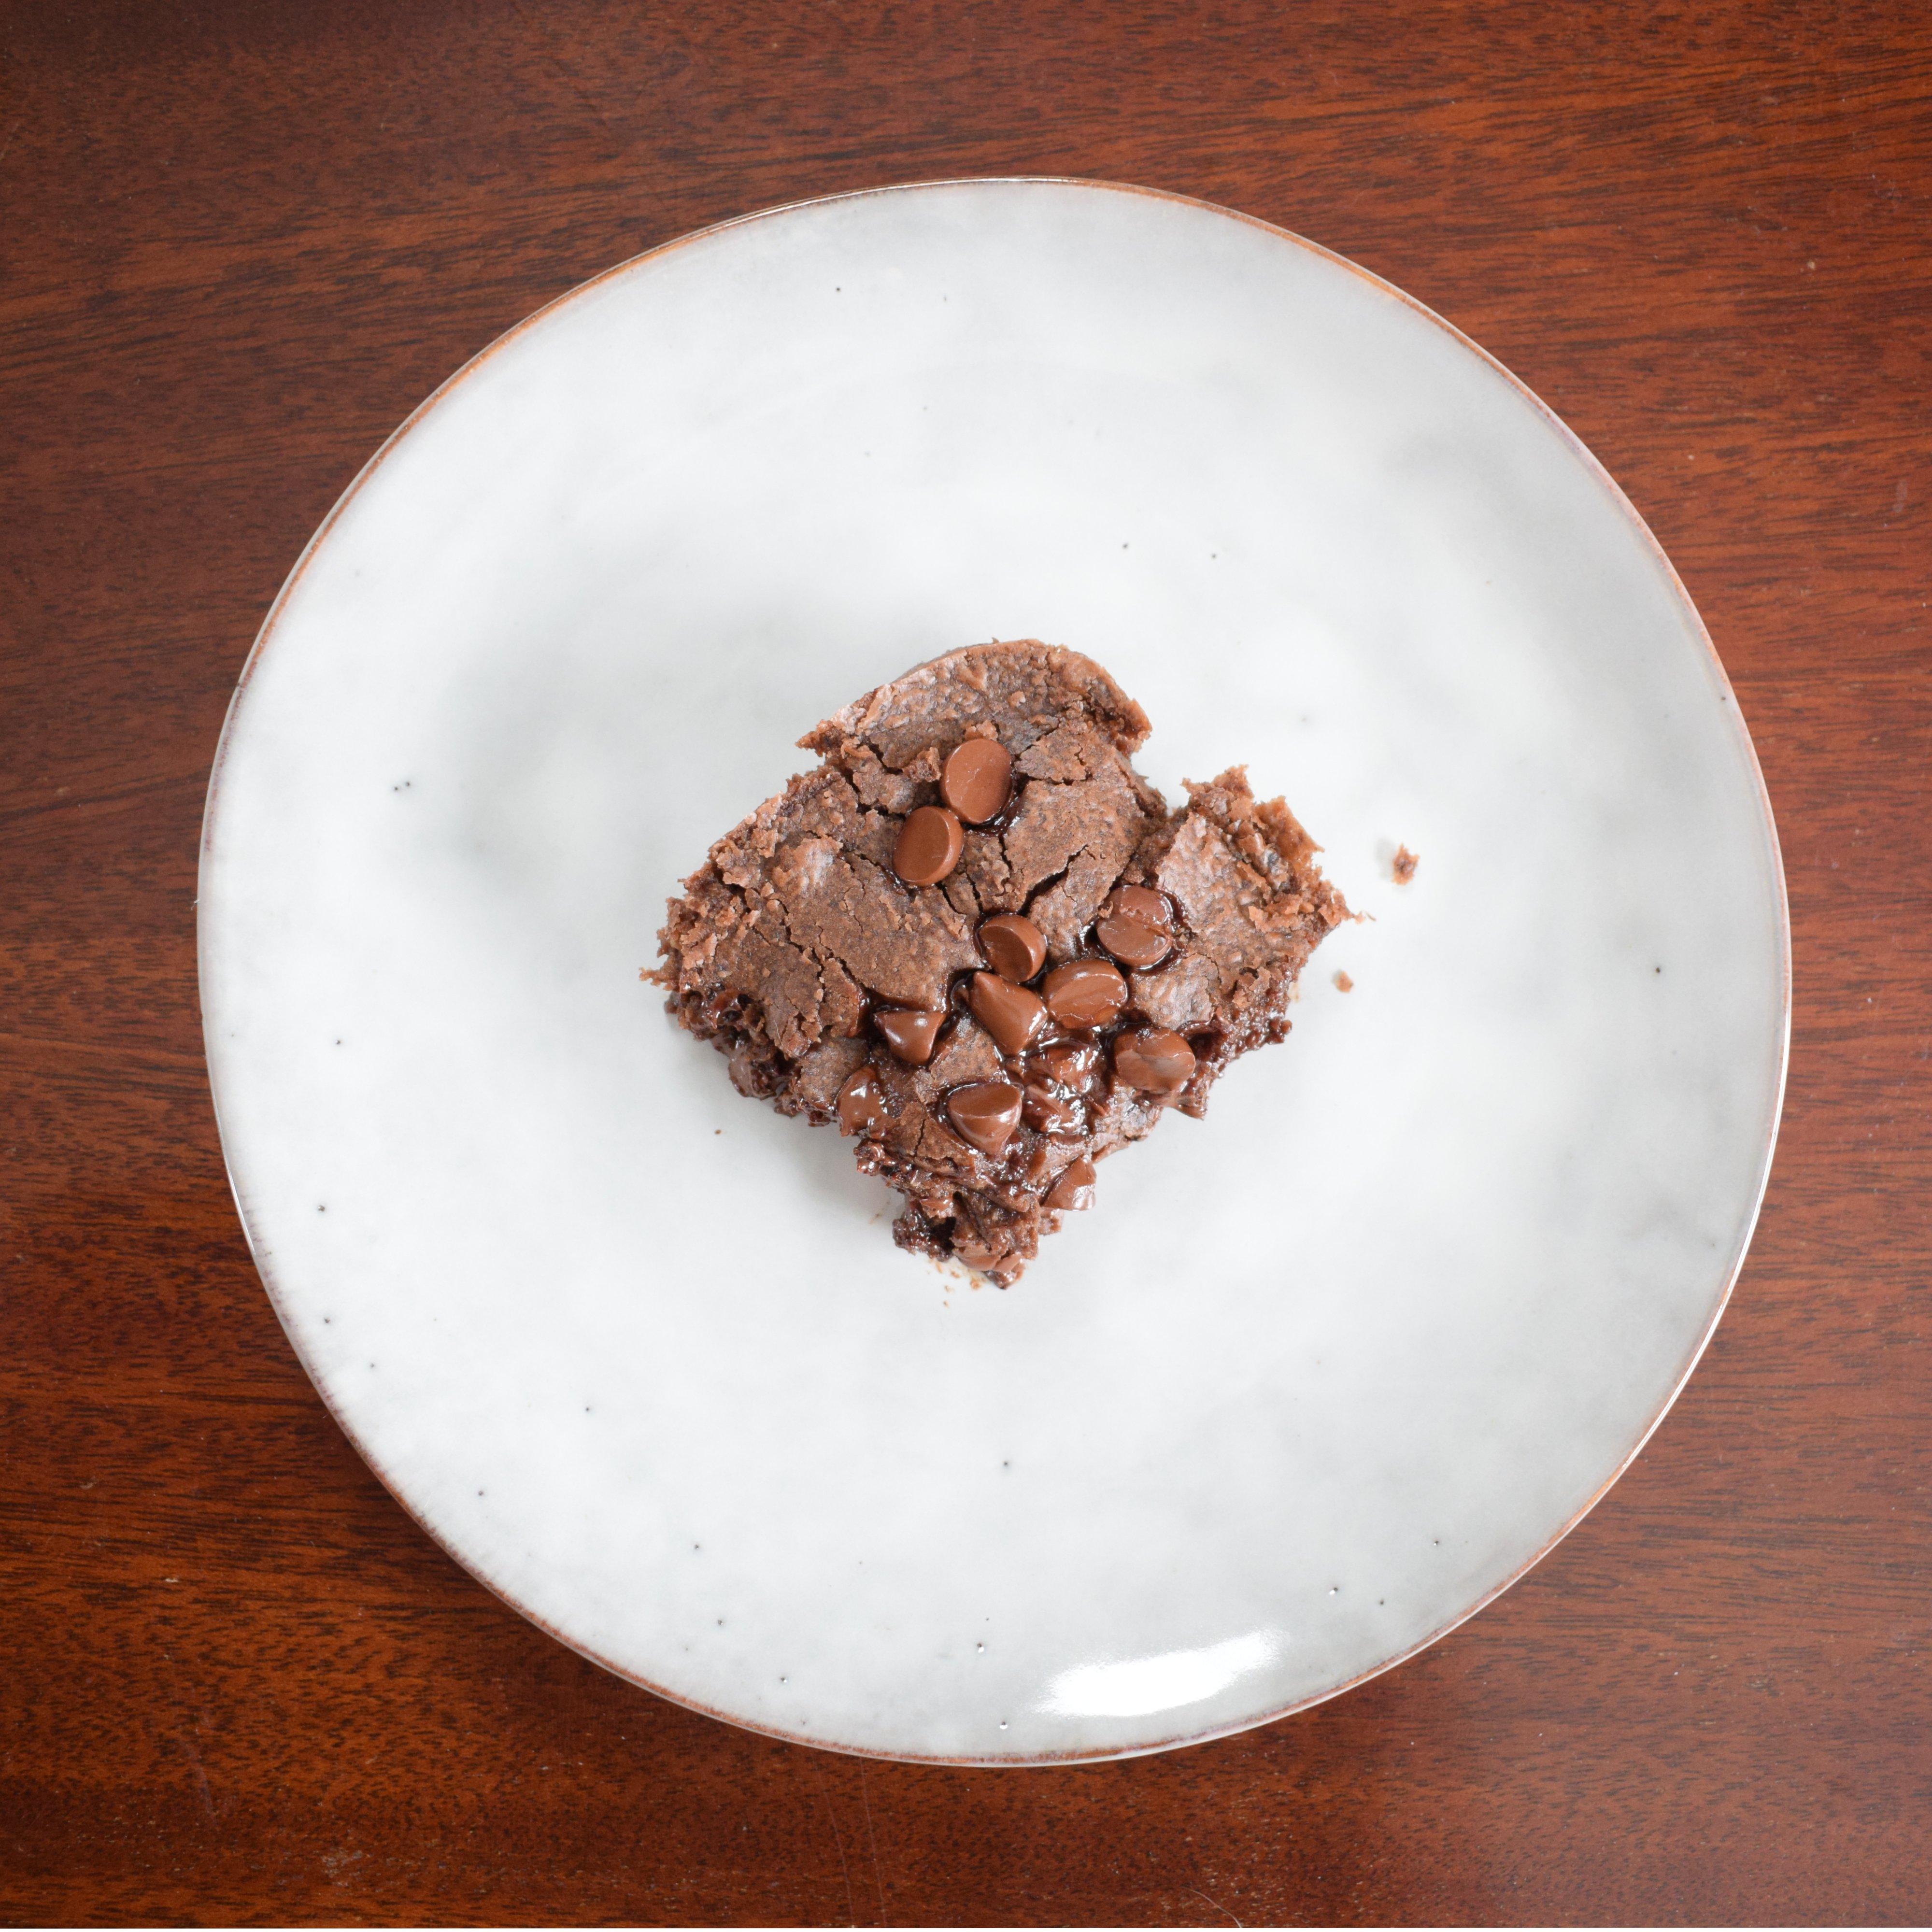 Recipe of the Week: Black Bean Brownies